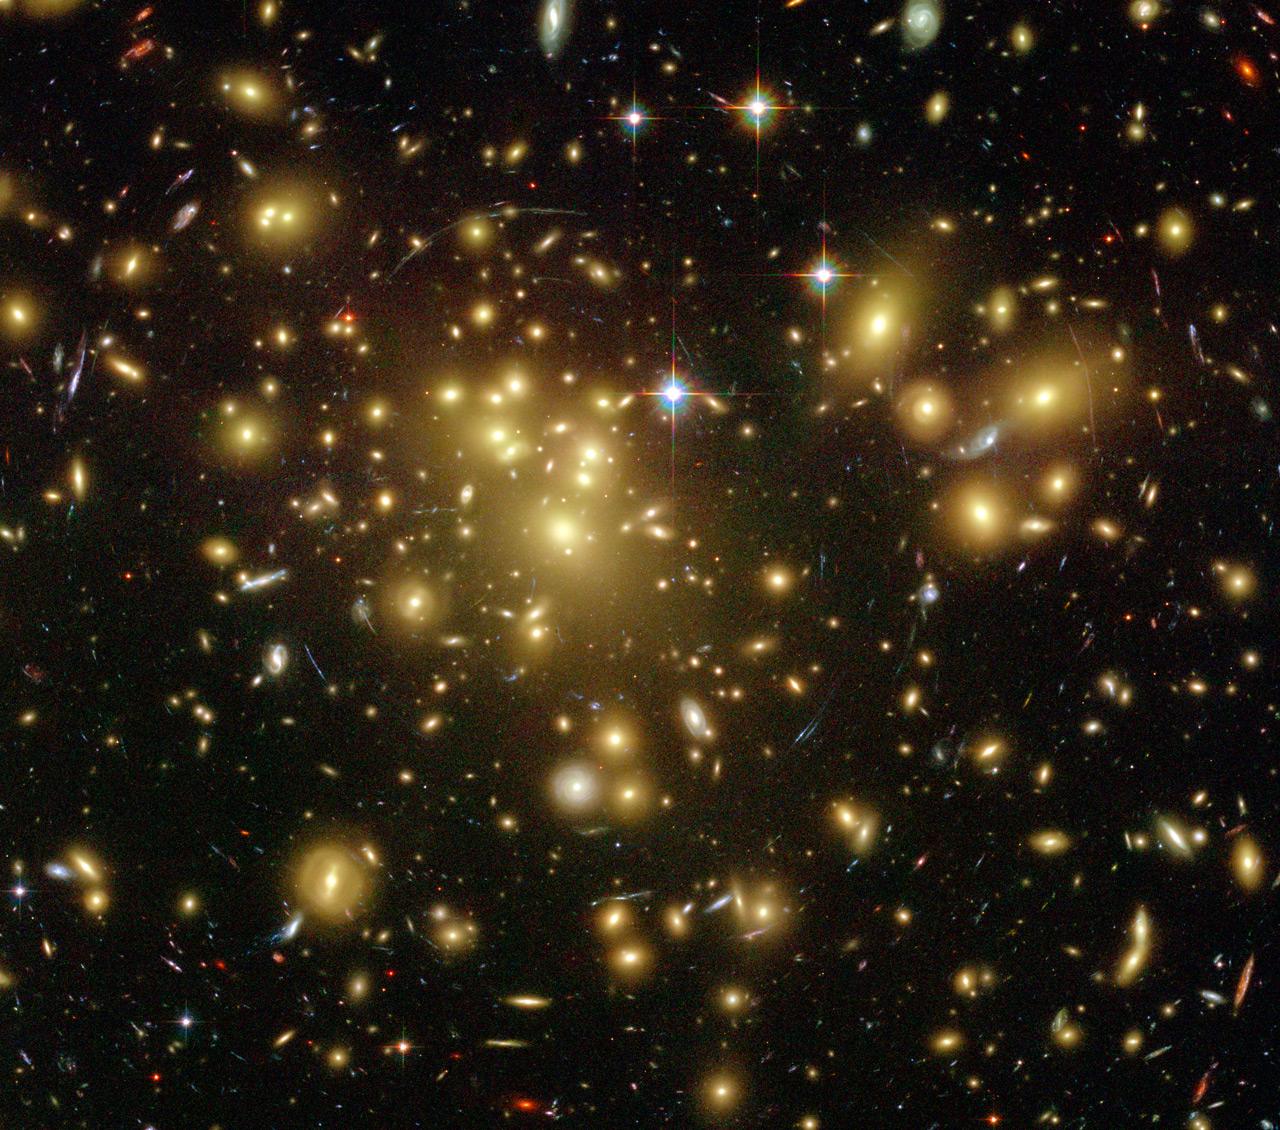 «Το γαλαξιακό σμήνος». To Hubble κατάφερε να καταγράψει εικόνες από το ένα τεράστιο σμήνος γαλαξιών που βρίσκεται σε απόσταση περίπου δύο δισ. ετών φωτός από εμάς. Το σμήνος ονομάστηκε Abell 1689 και σε αυτό υπάρχουν περισσότεροι από χίλιοι γαλαξίες. Το Hubble κατάφερε να εντοπίσει μέσα στους γαλαξίες την παρουσία δεκάδων χιλιάδων σφαιρωτών σμηνών. Σφαιρωτό σμήνος ή σφαιρωτό αστρικό σμήνος ονομάζεται στην αστρονομία μία πυκνή συγκέντρωση αστέρων με σφαιρικό ή σχεδόν σφαιρικό σχήμα, που περιφέρεται γύρω από το κέντρο ενός γαλαξία ως δορυφόρος του. Οι  εκτιμήσεις των ειδικών κάνουν λόγο για περίπου 160 χιλιάδες τέτοια σμήνη στο Abell 1689. Είναι ο μεγαλύτερος αριθμός σφαιρωτών σμηνών που έχει εντοπιστεί μέχρι σήμερα σε ένα γαλαξιακό σμήνος